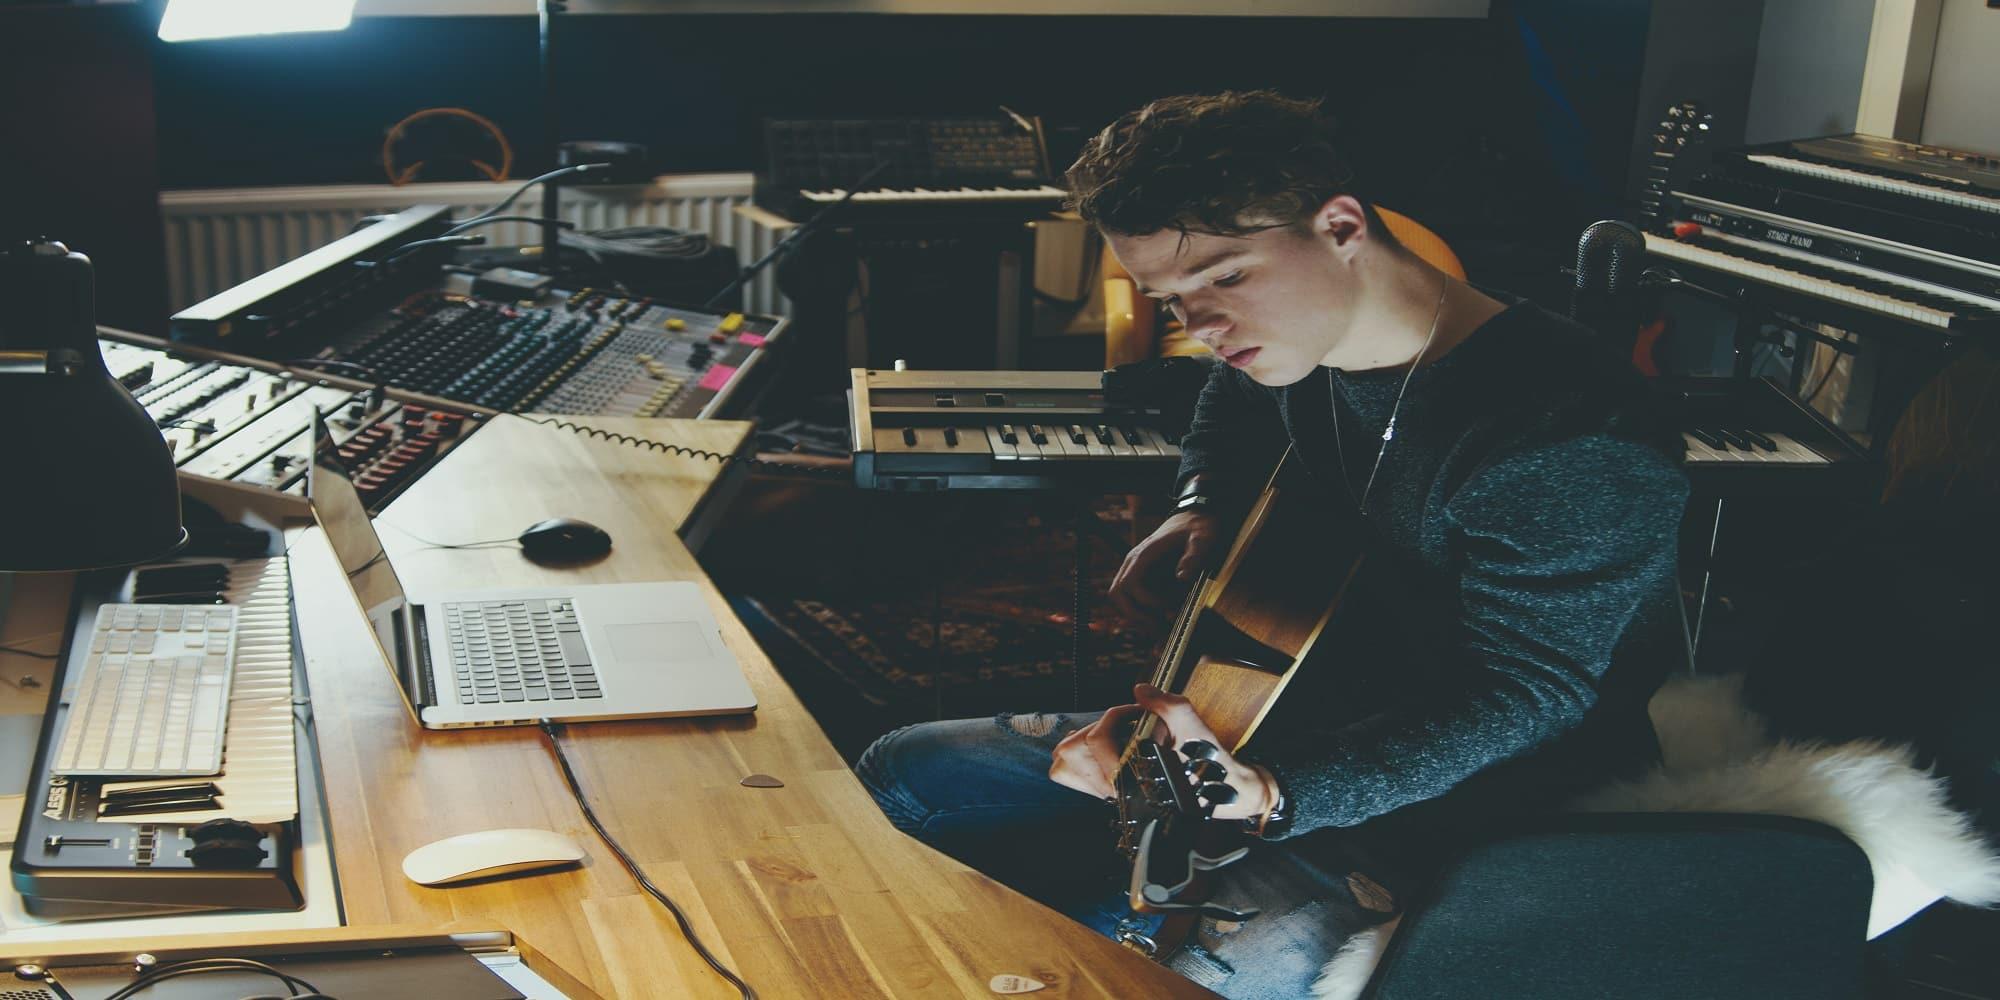 guy making music